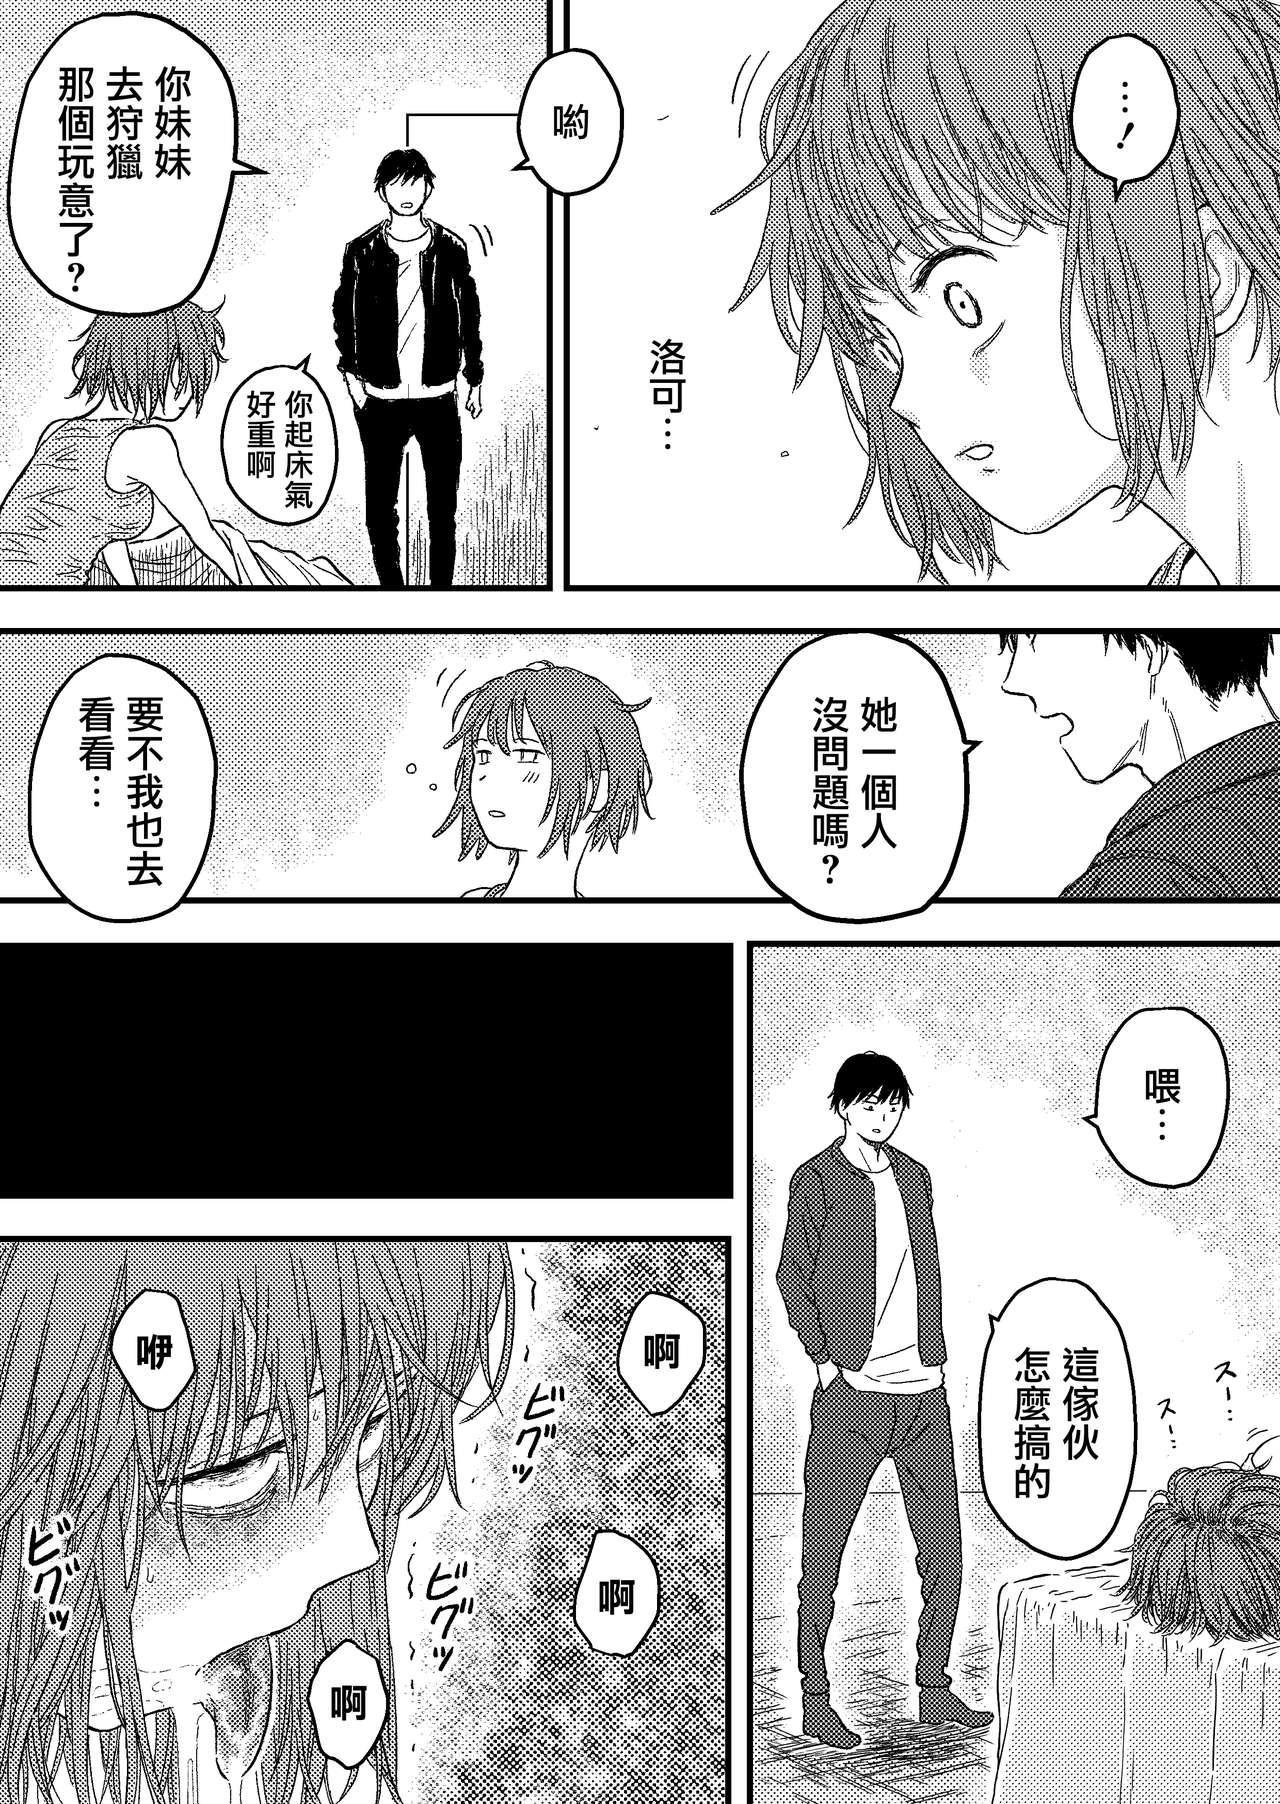 TENTACLE DAY 2BAD 【Saikyou Shokushu ni Yoru Saiaku no Seme ni Modae Kuruu Shoujo no Akumu】 17